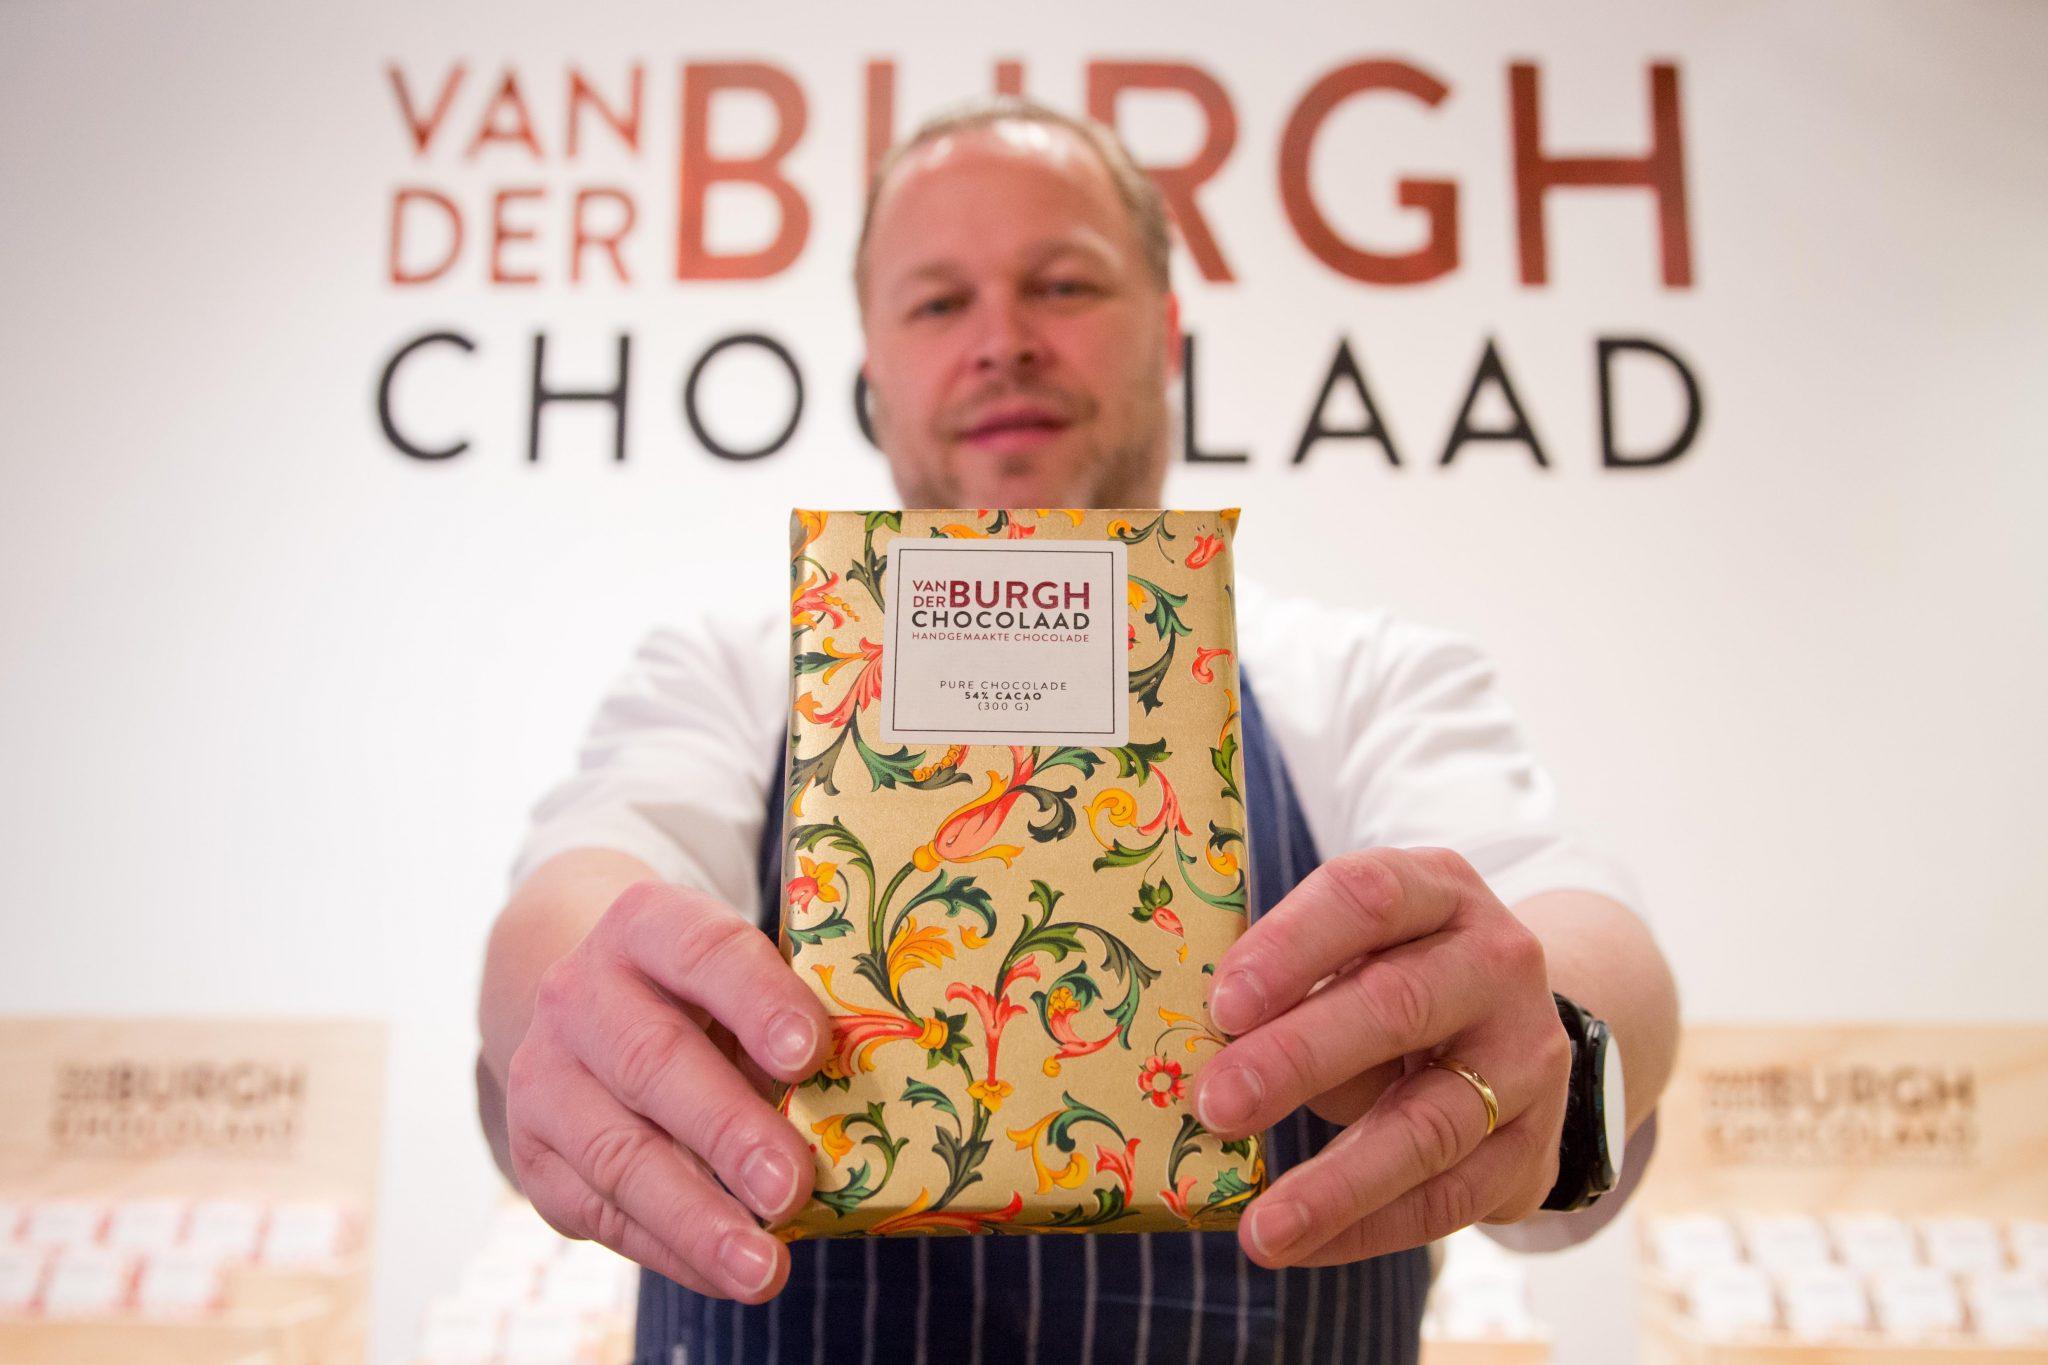 chocoladereep - Van der Burgh Chocolaad